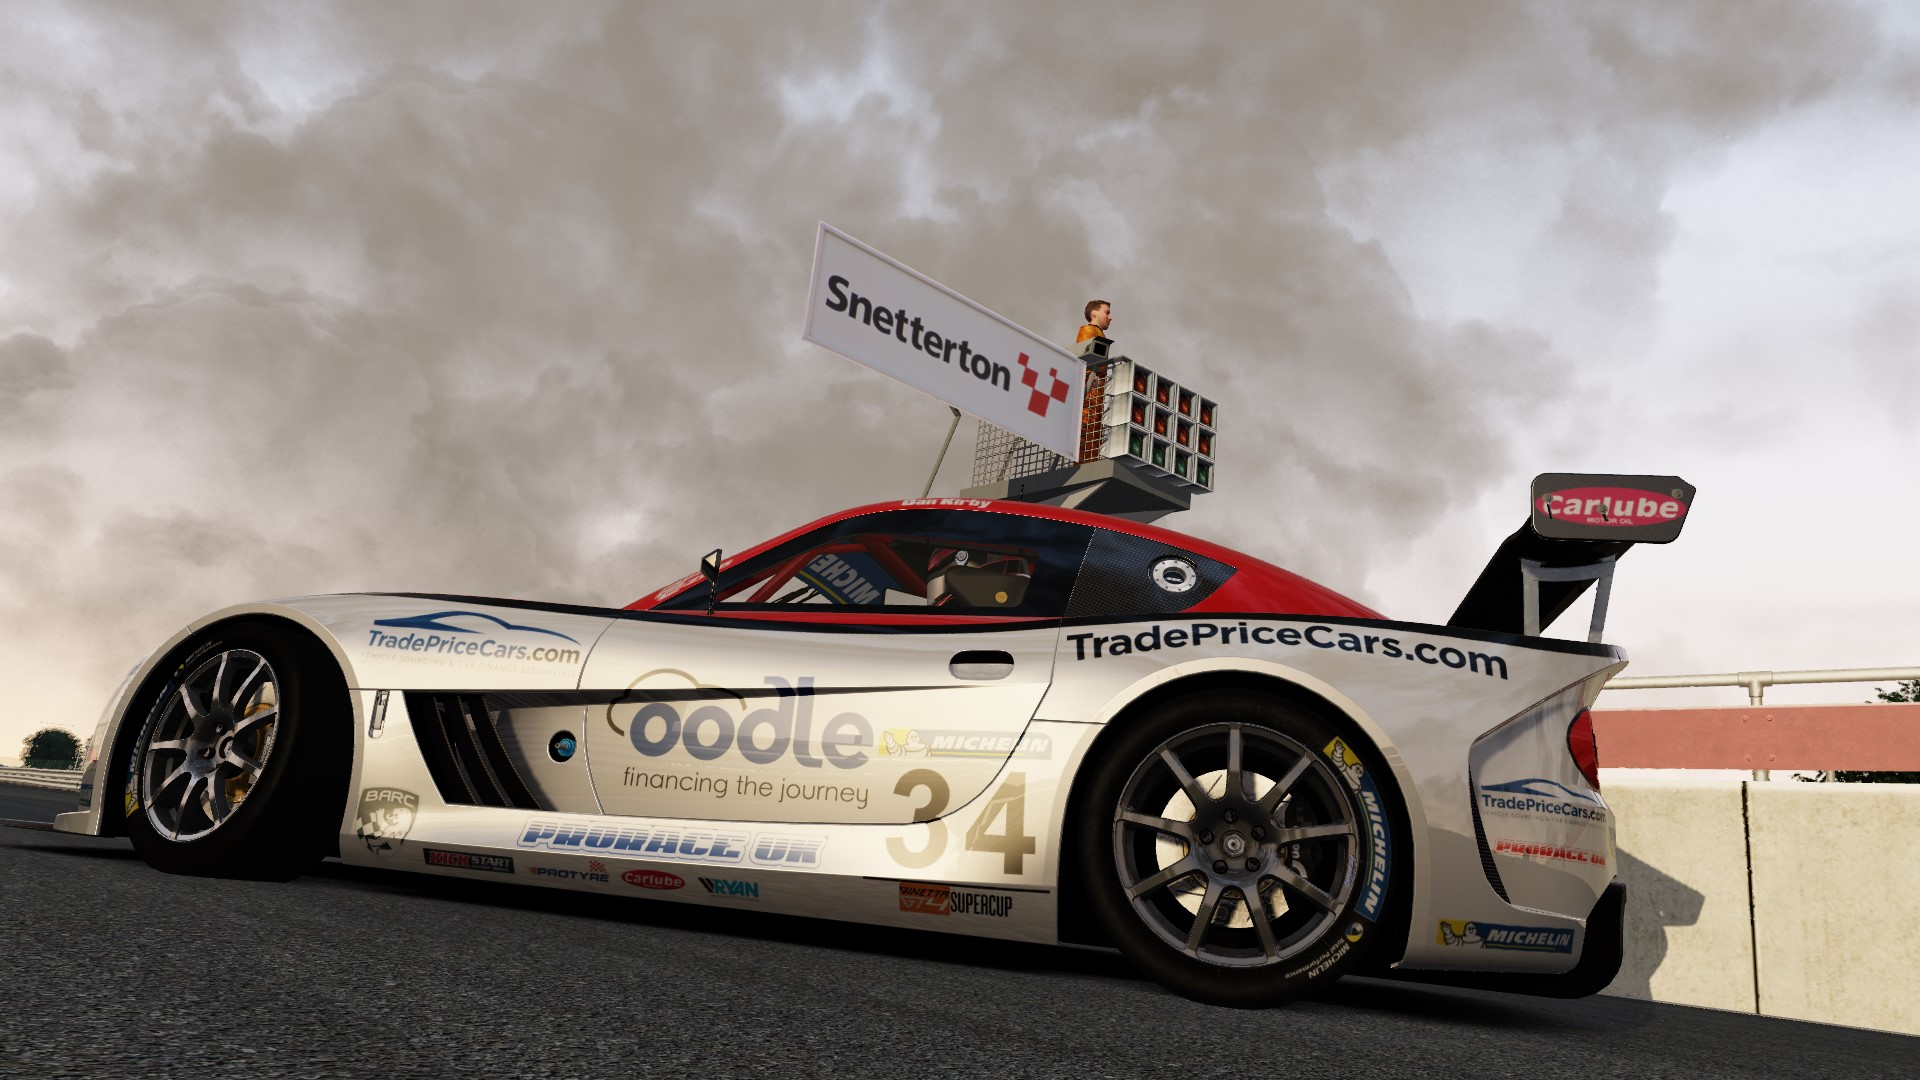 Screenshot_ginetta_gt4_supercup_snetterton2011_29-5-117-16-42-31.jpg